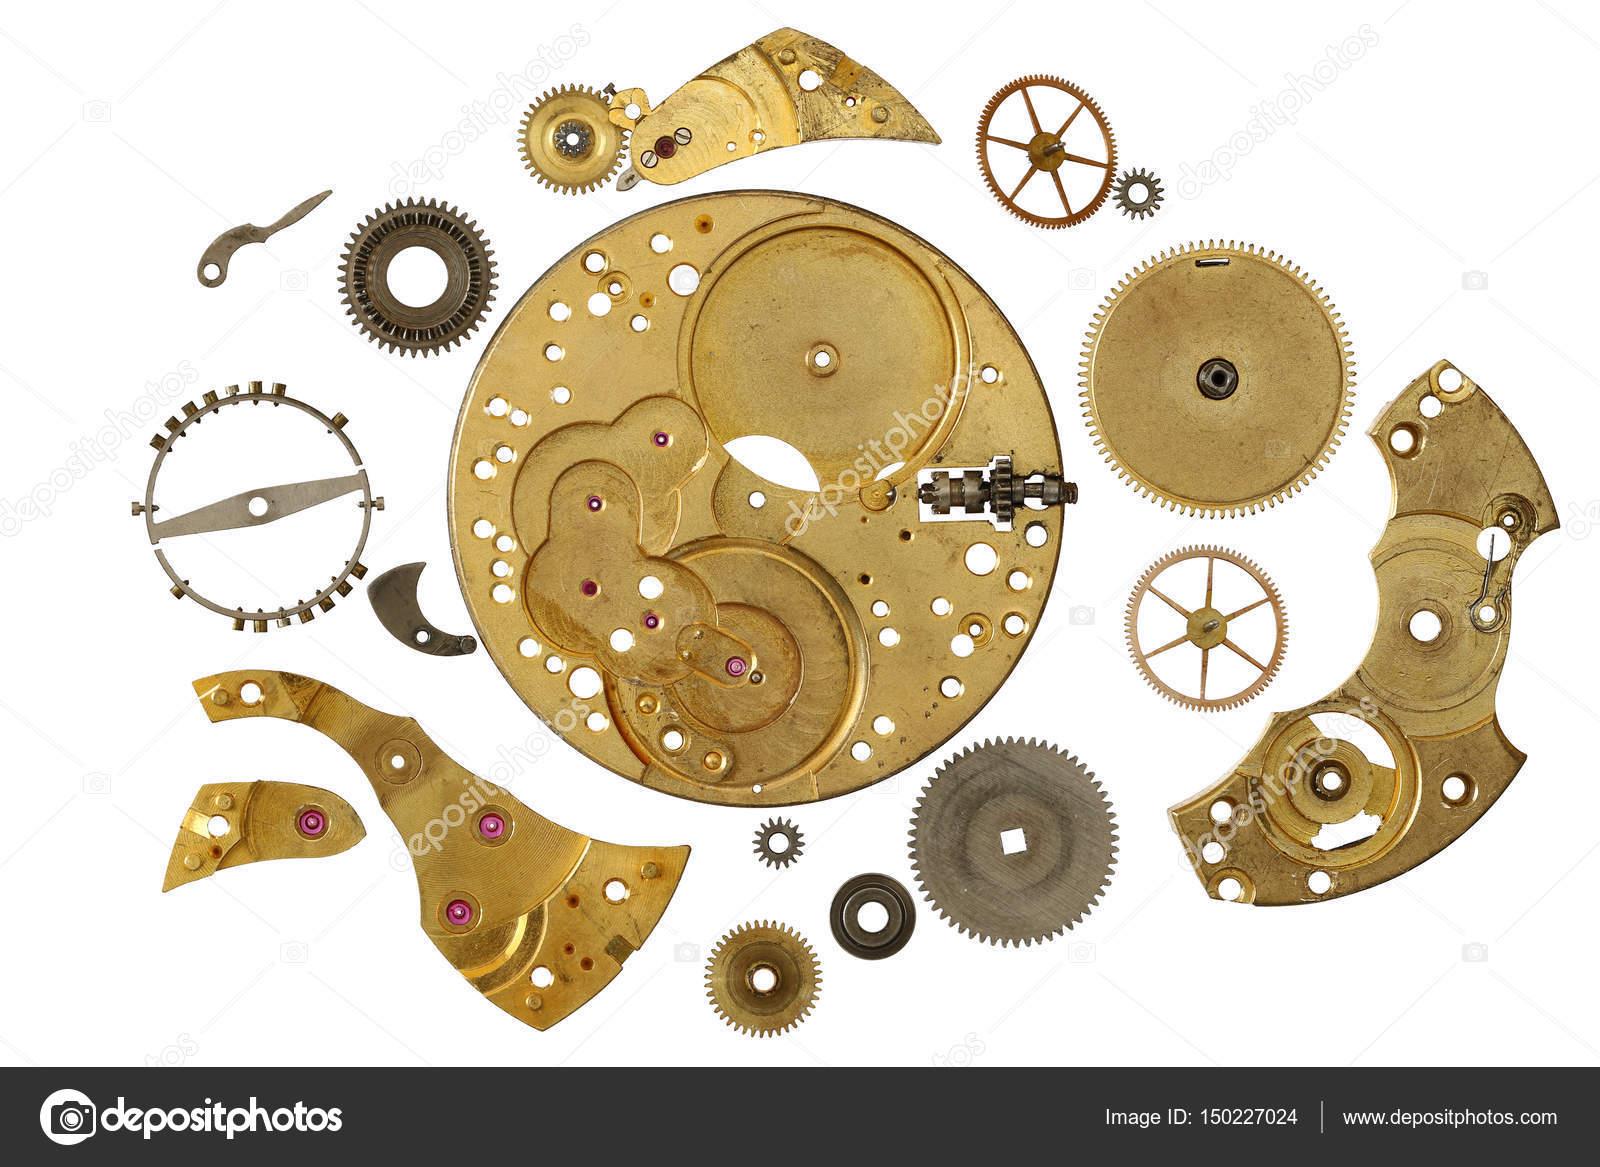 Partes Un Desmontadas Reloj Relojería Distintas Mecanismo De bvYfg67y